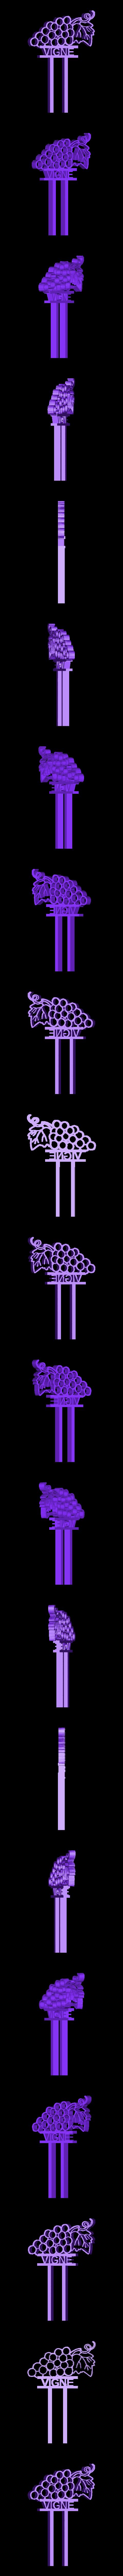 indicateur_semis_vigne.stl Download STL file Ensemble de 14 indicateurs de semis • 3D printable object, seb2583